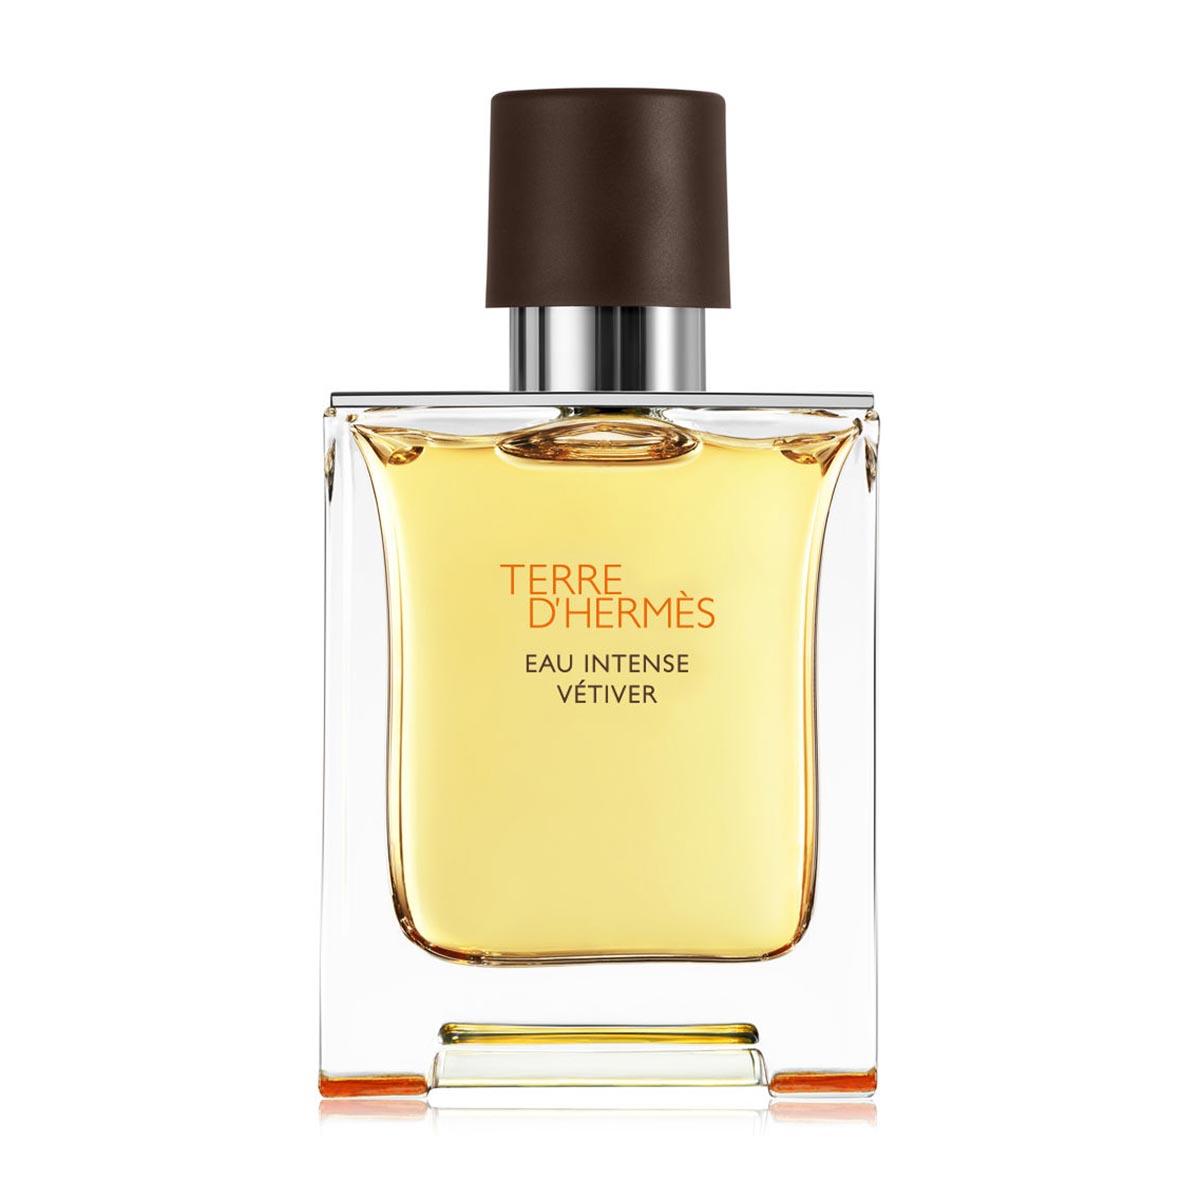 Hermes paris terre d hermes eau intense vetiver eau de parfum 50ml vaporizador